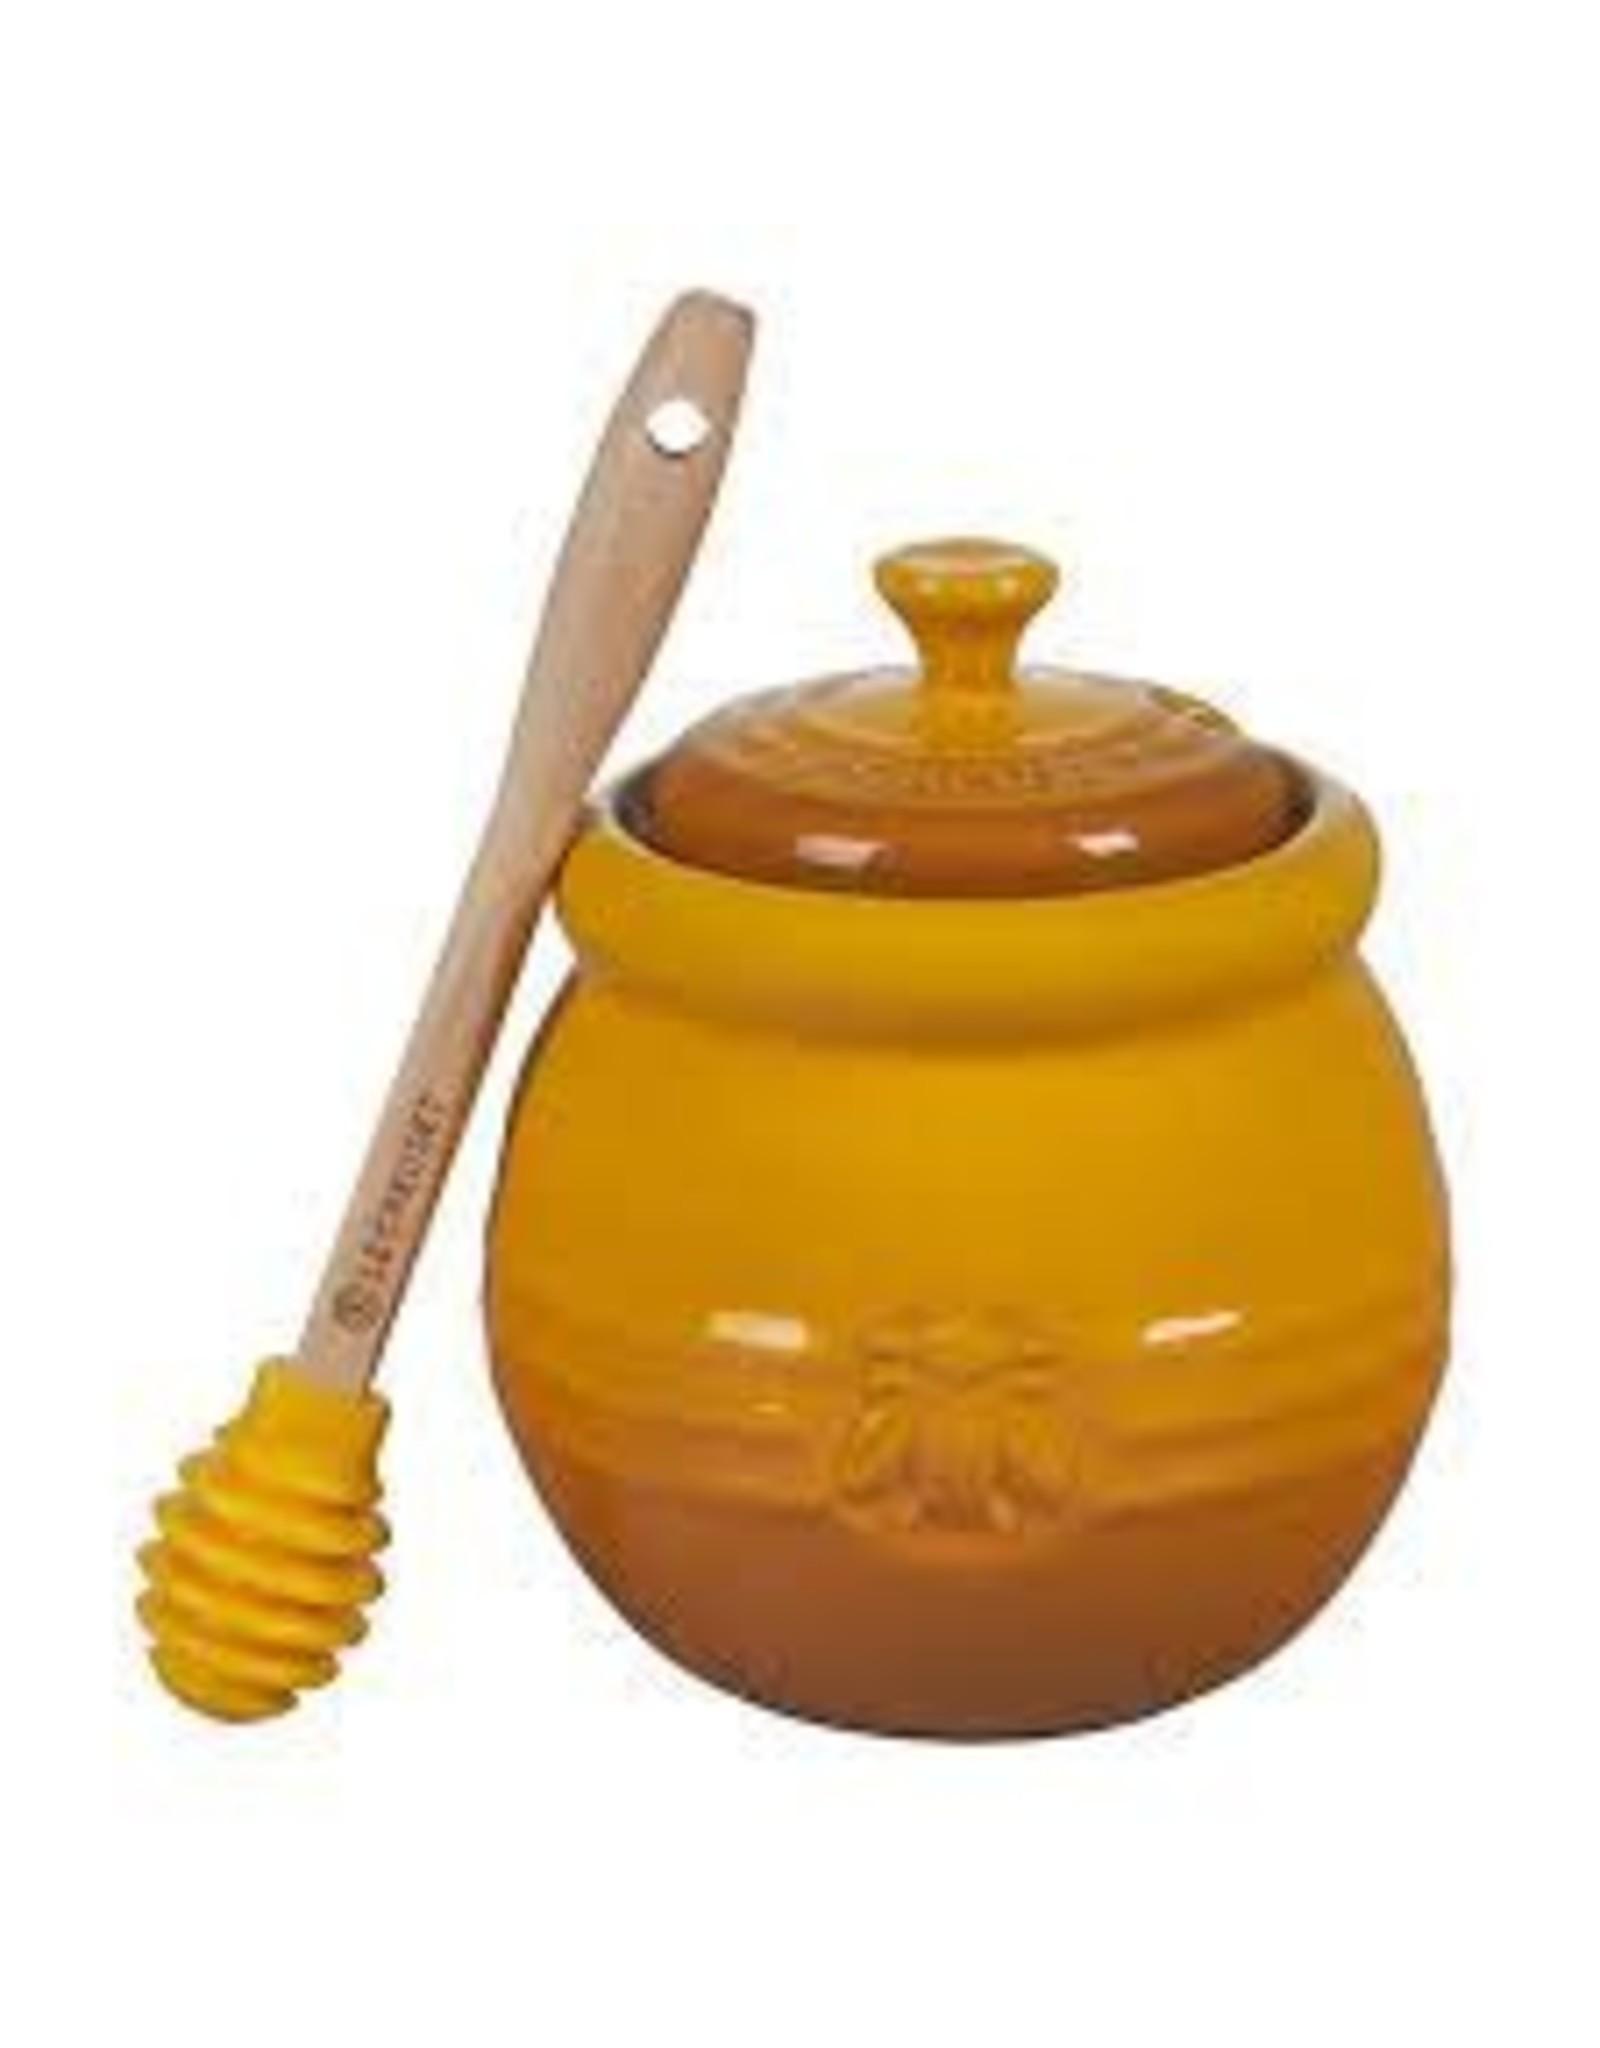 Le Creuset Le Creuset Honey Pot - Nectar